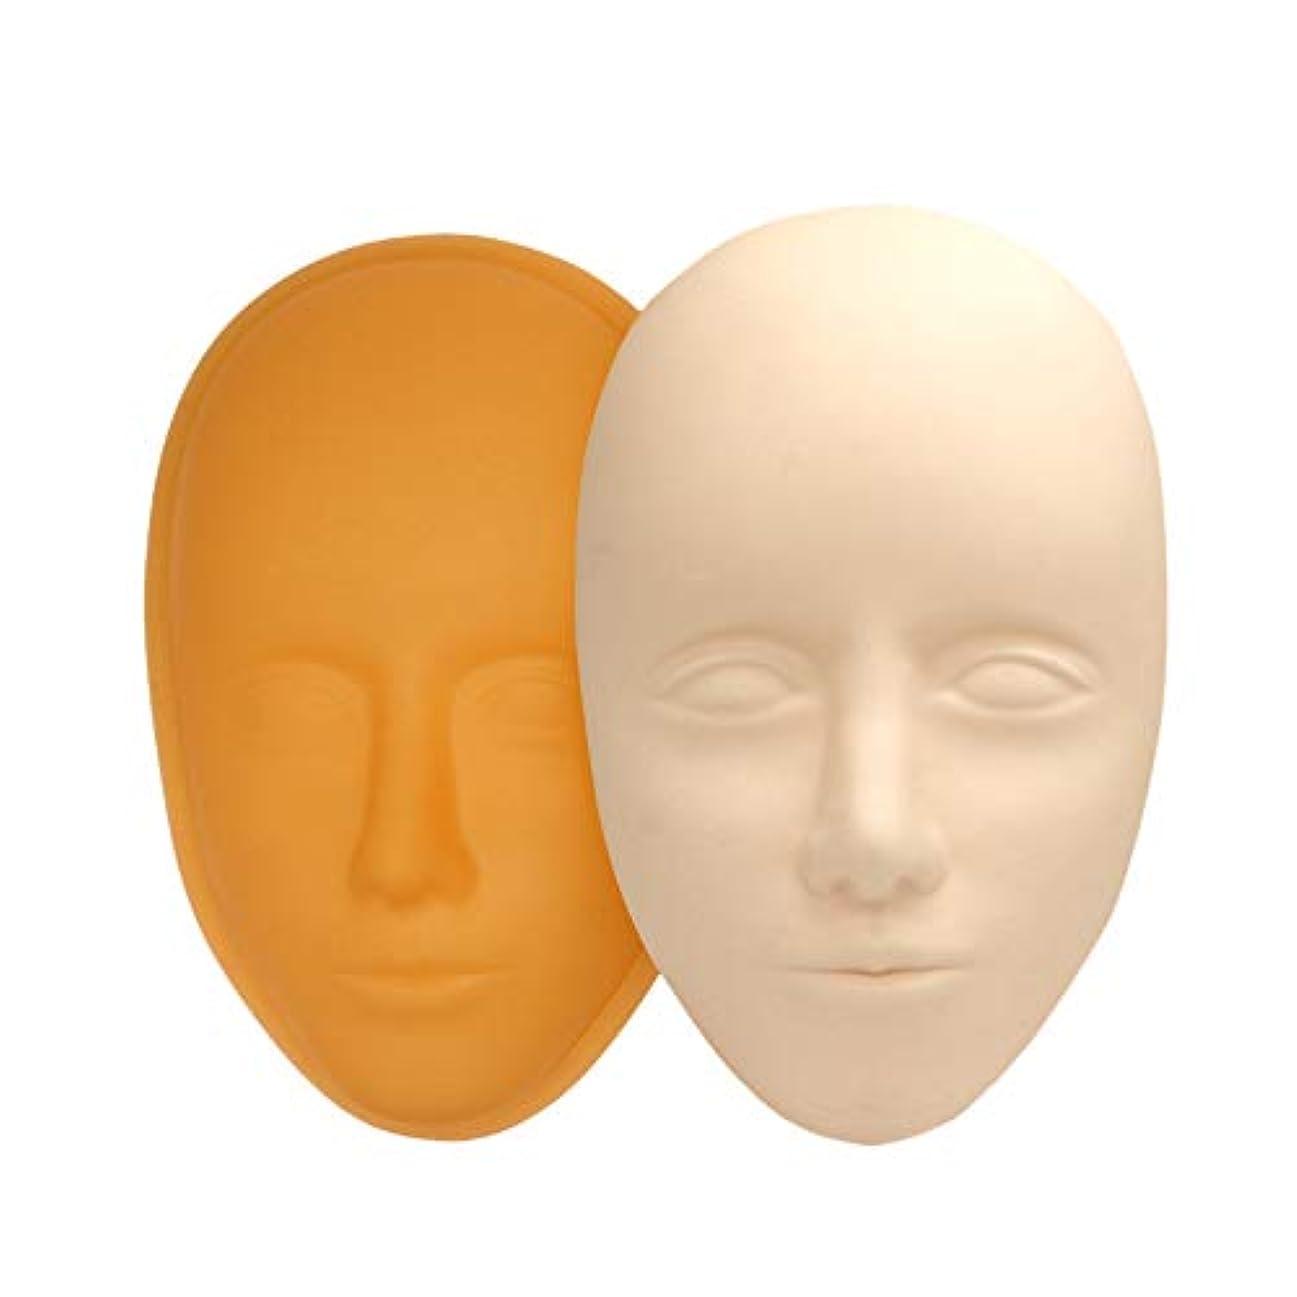 古代後継キラウエア山SODIAL 5D フェイシャル トレーニングのヘッド シリコン 練習用パーマネント化粧リップとアイブローのスキン マネキン人形 フェイス ヘッド